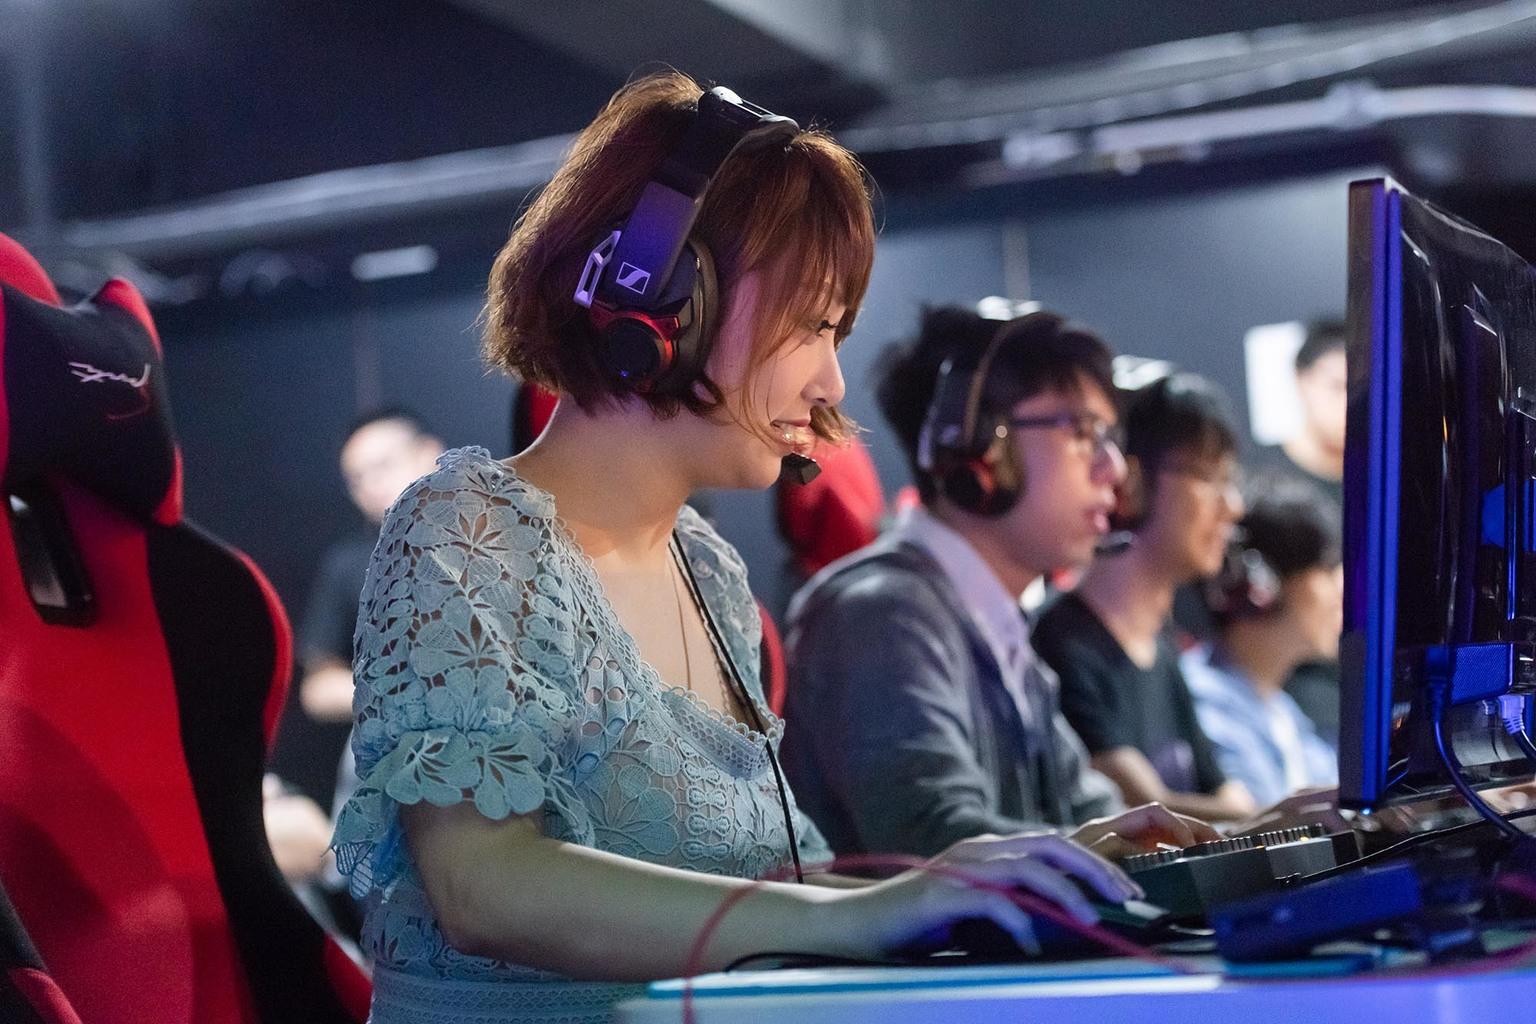 專為「食雞」而設遊戲耳機   SENNHEISER GSP 600 電競耳機聽腳步聲最強